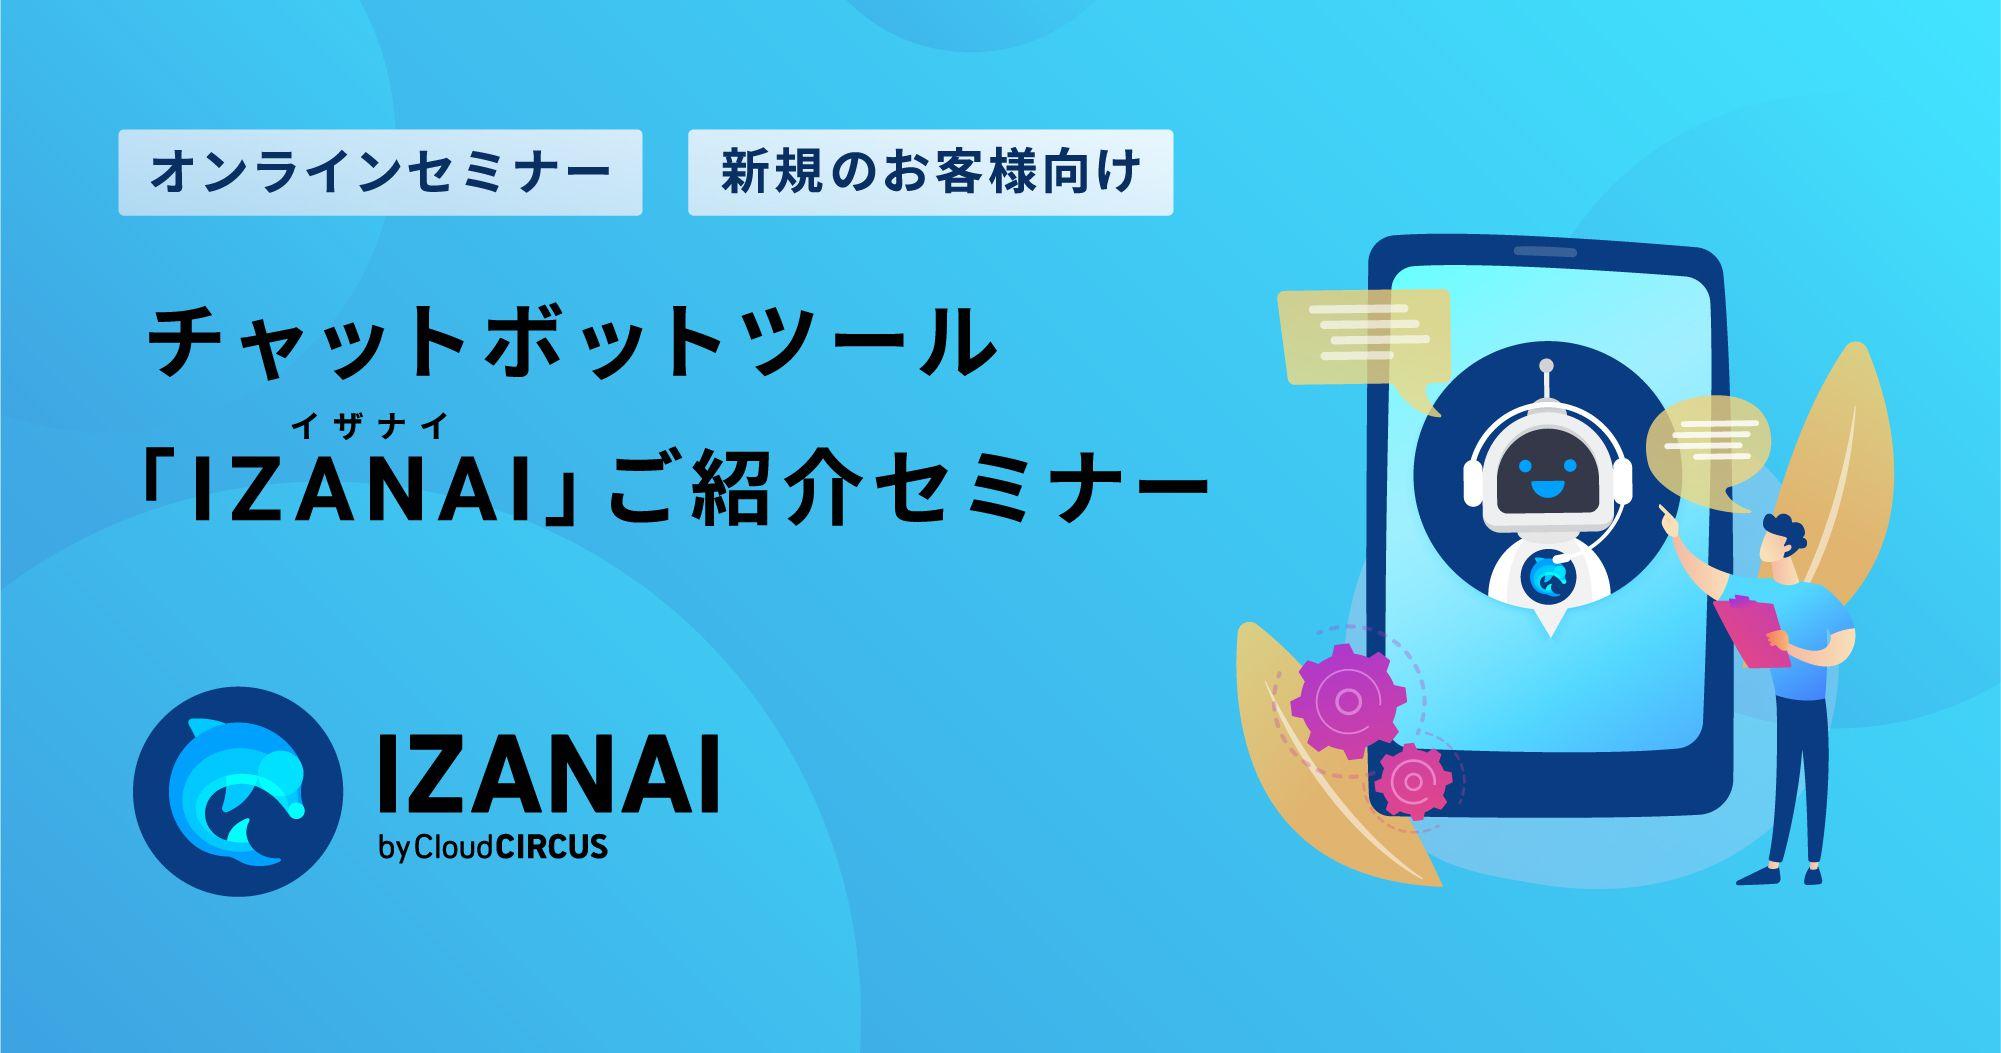 【6月22日(火)】[ウェブ解析士協会共催セミナー]<WEB制作・マーケティング企業向け> 明日からはじめられるDX導入支援「Cloud CIRCUS」